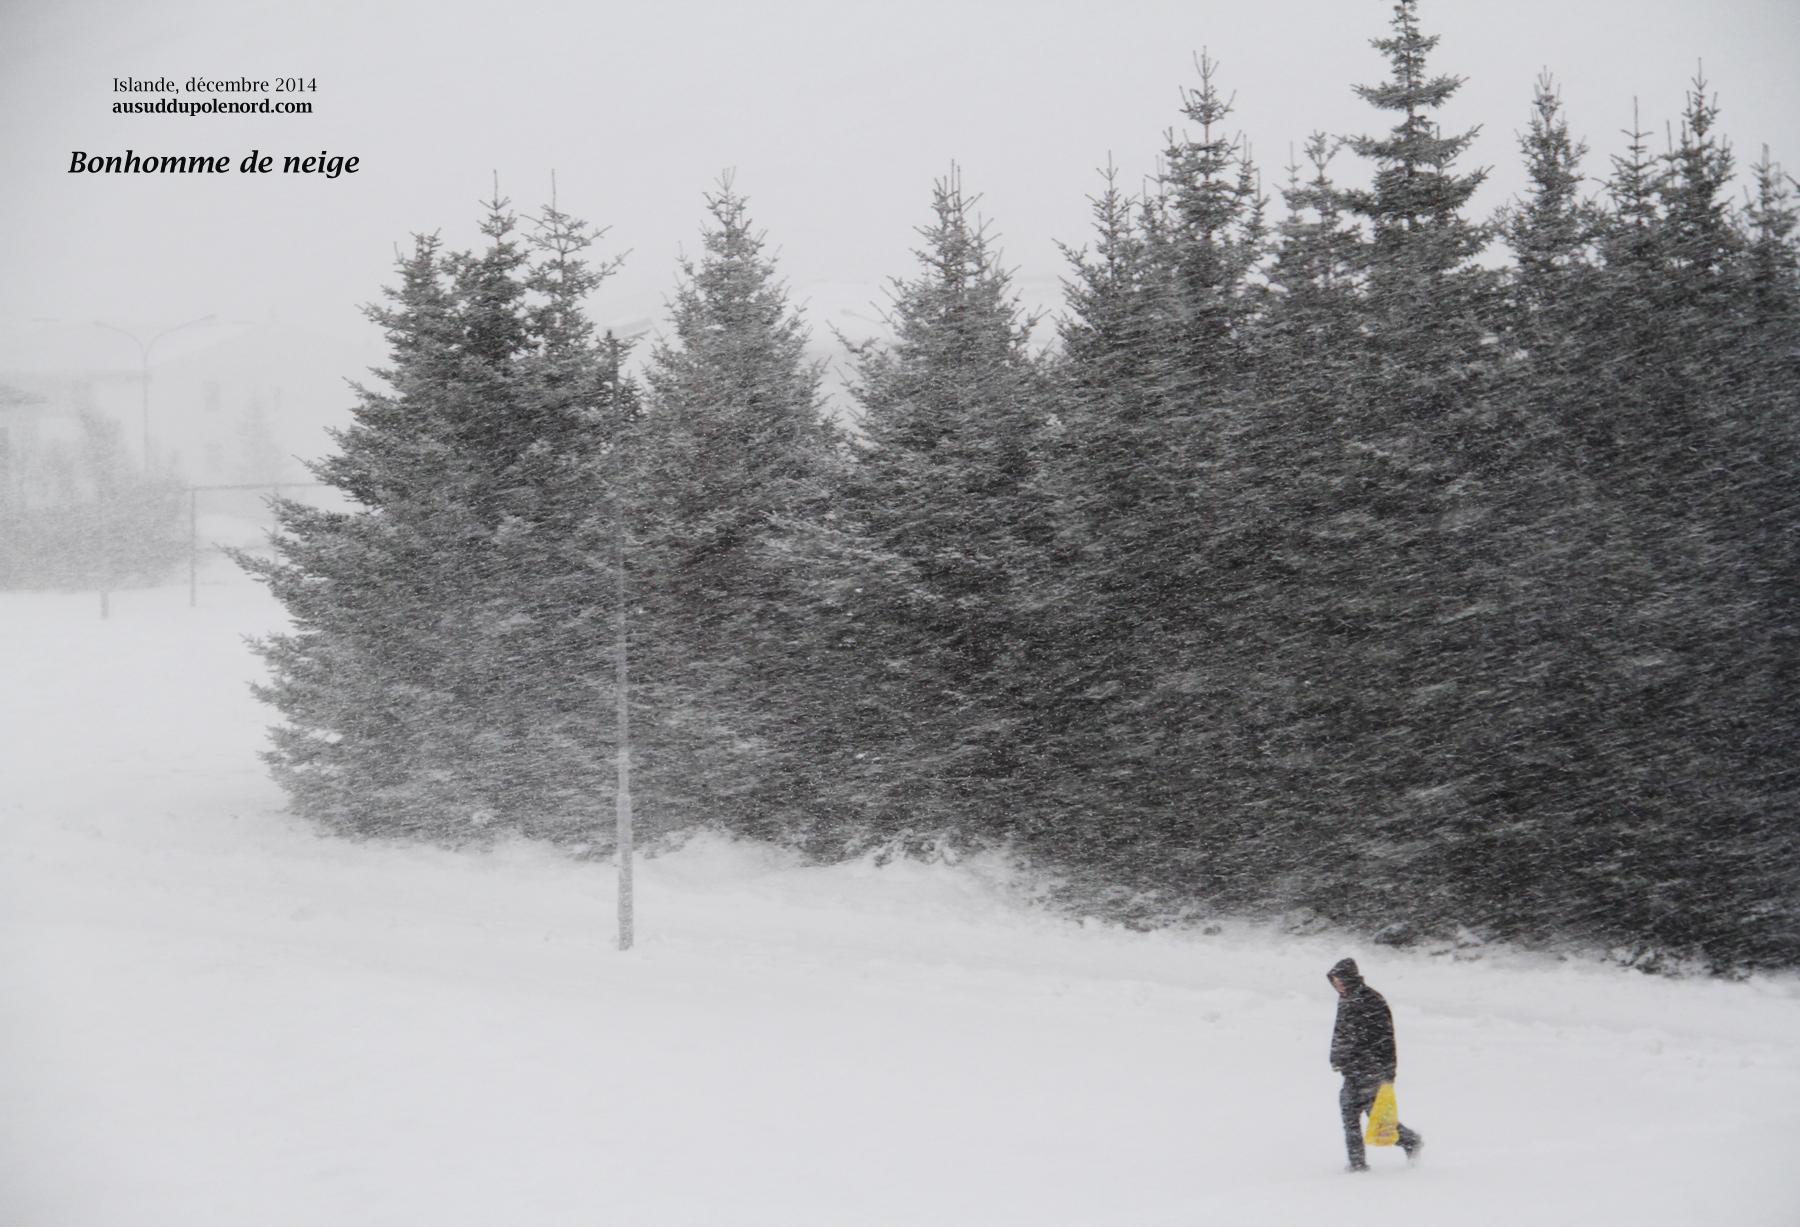 Islande bonhomme de neige